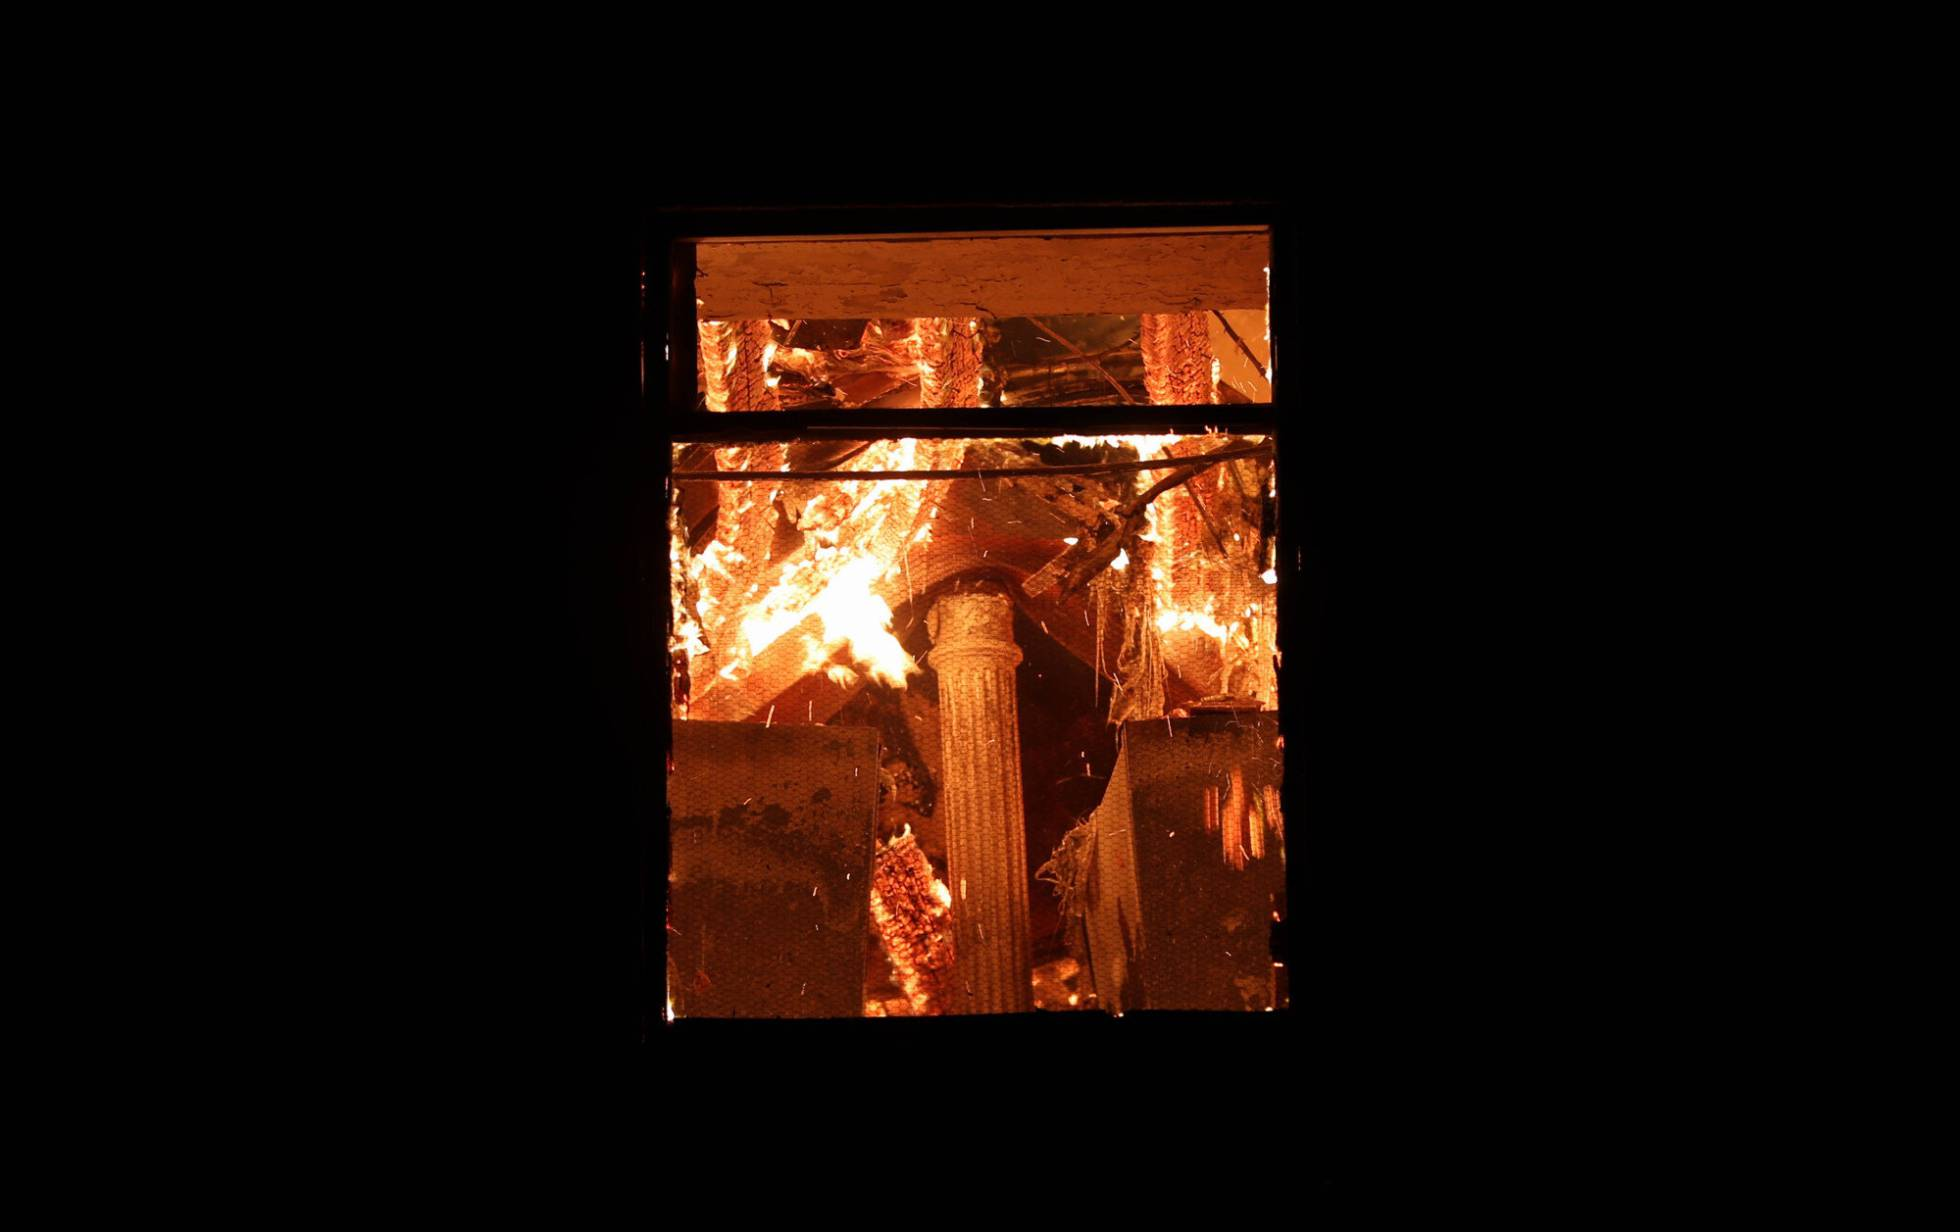 Vista del incendio del Museo Nacional de Brasil